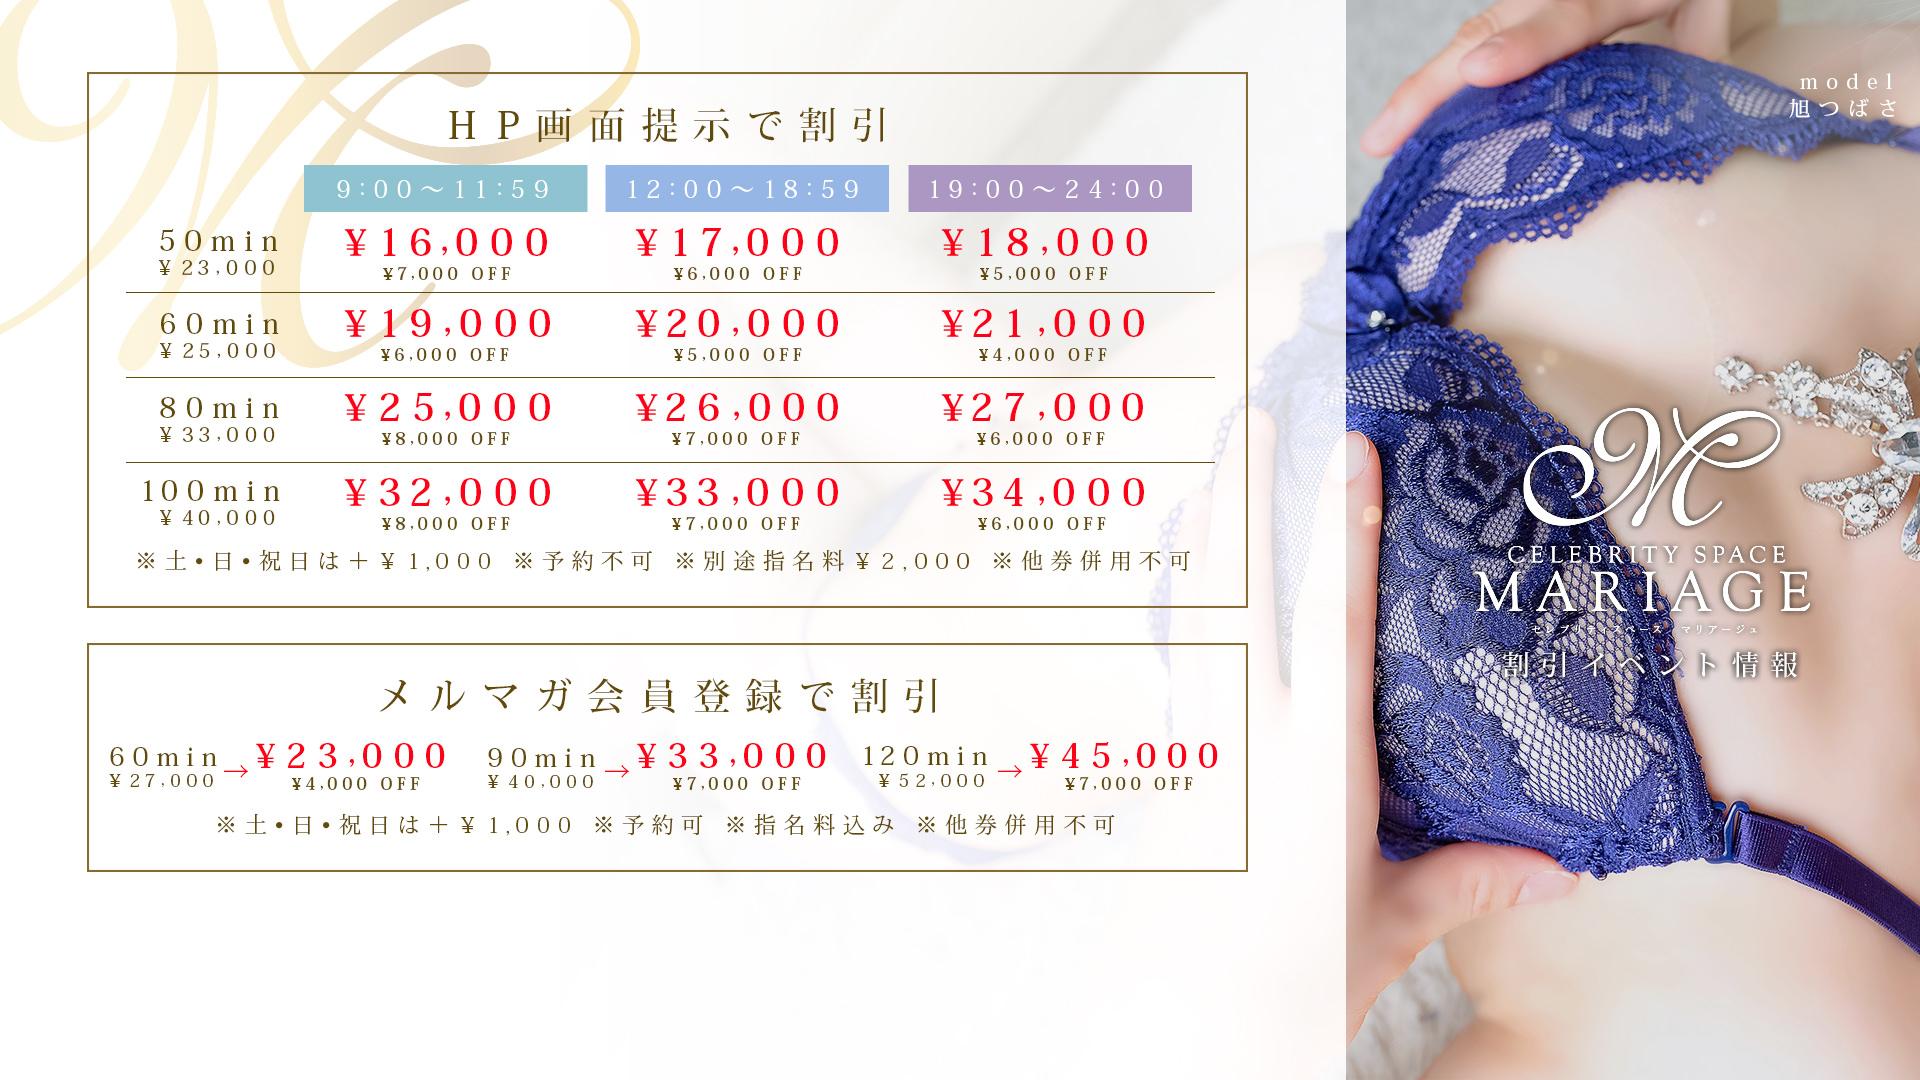 中洲風俗 ソープランド【マリアージュ - MARIAGE -】メルマガ会員登録で割引